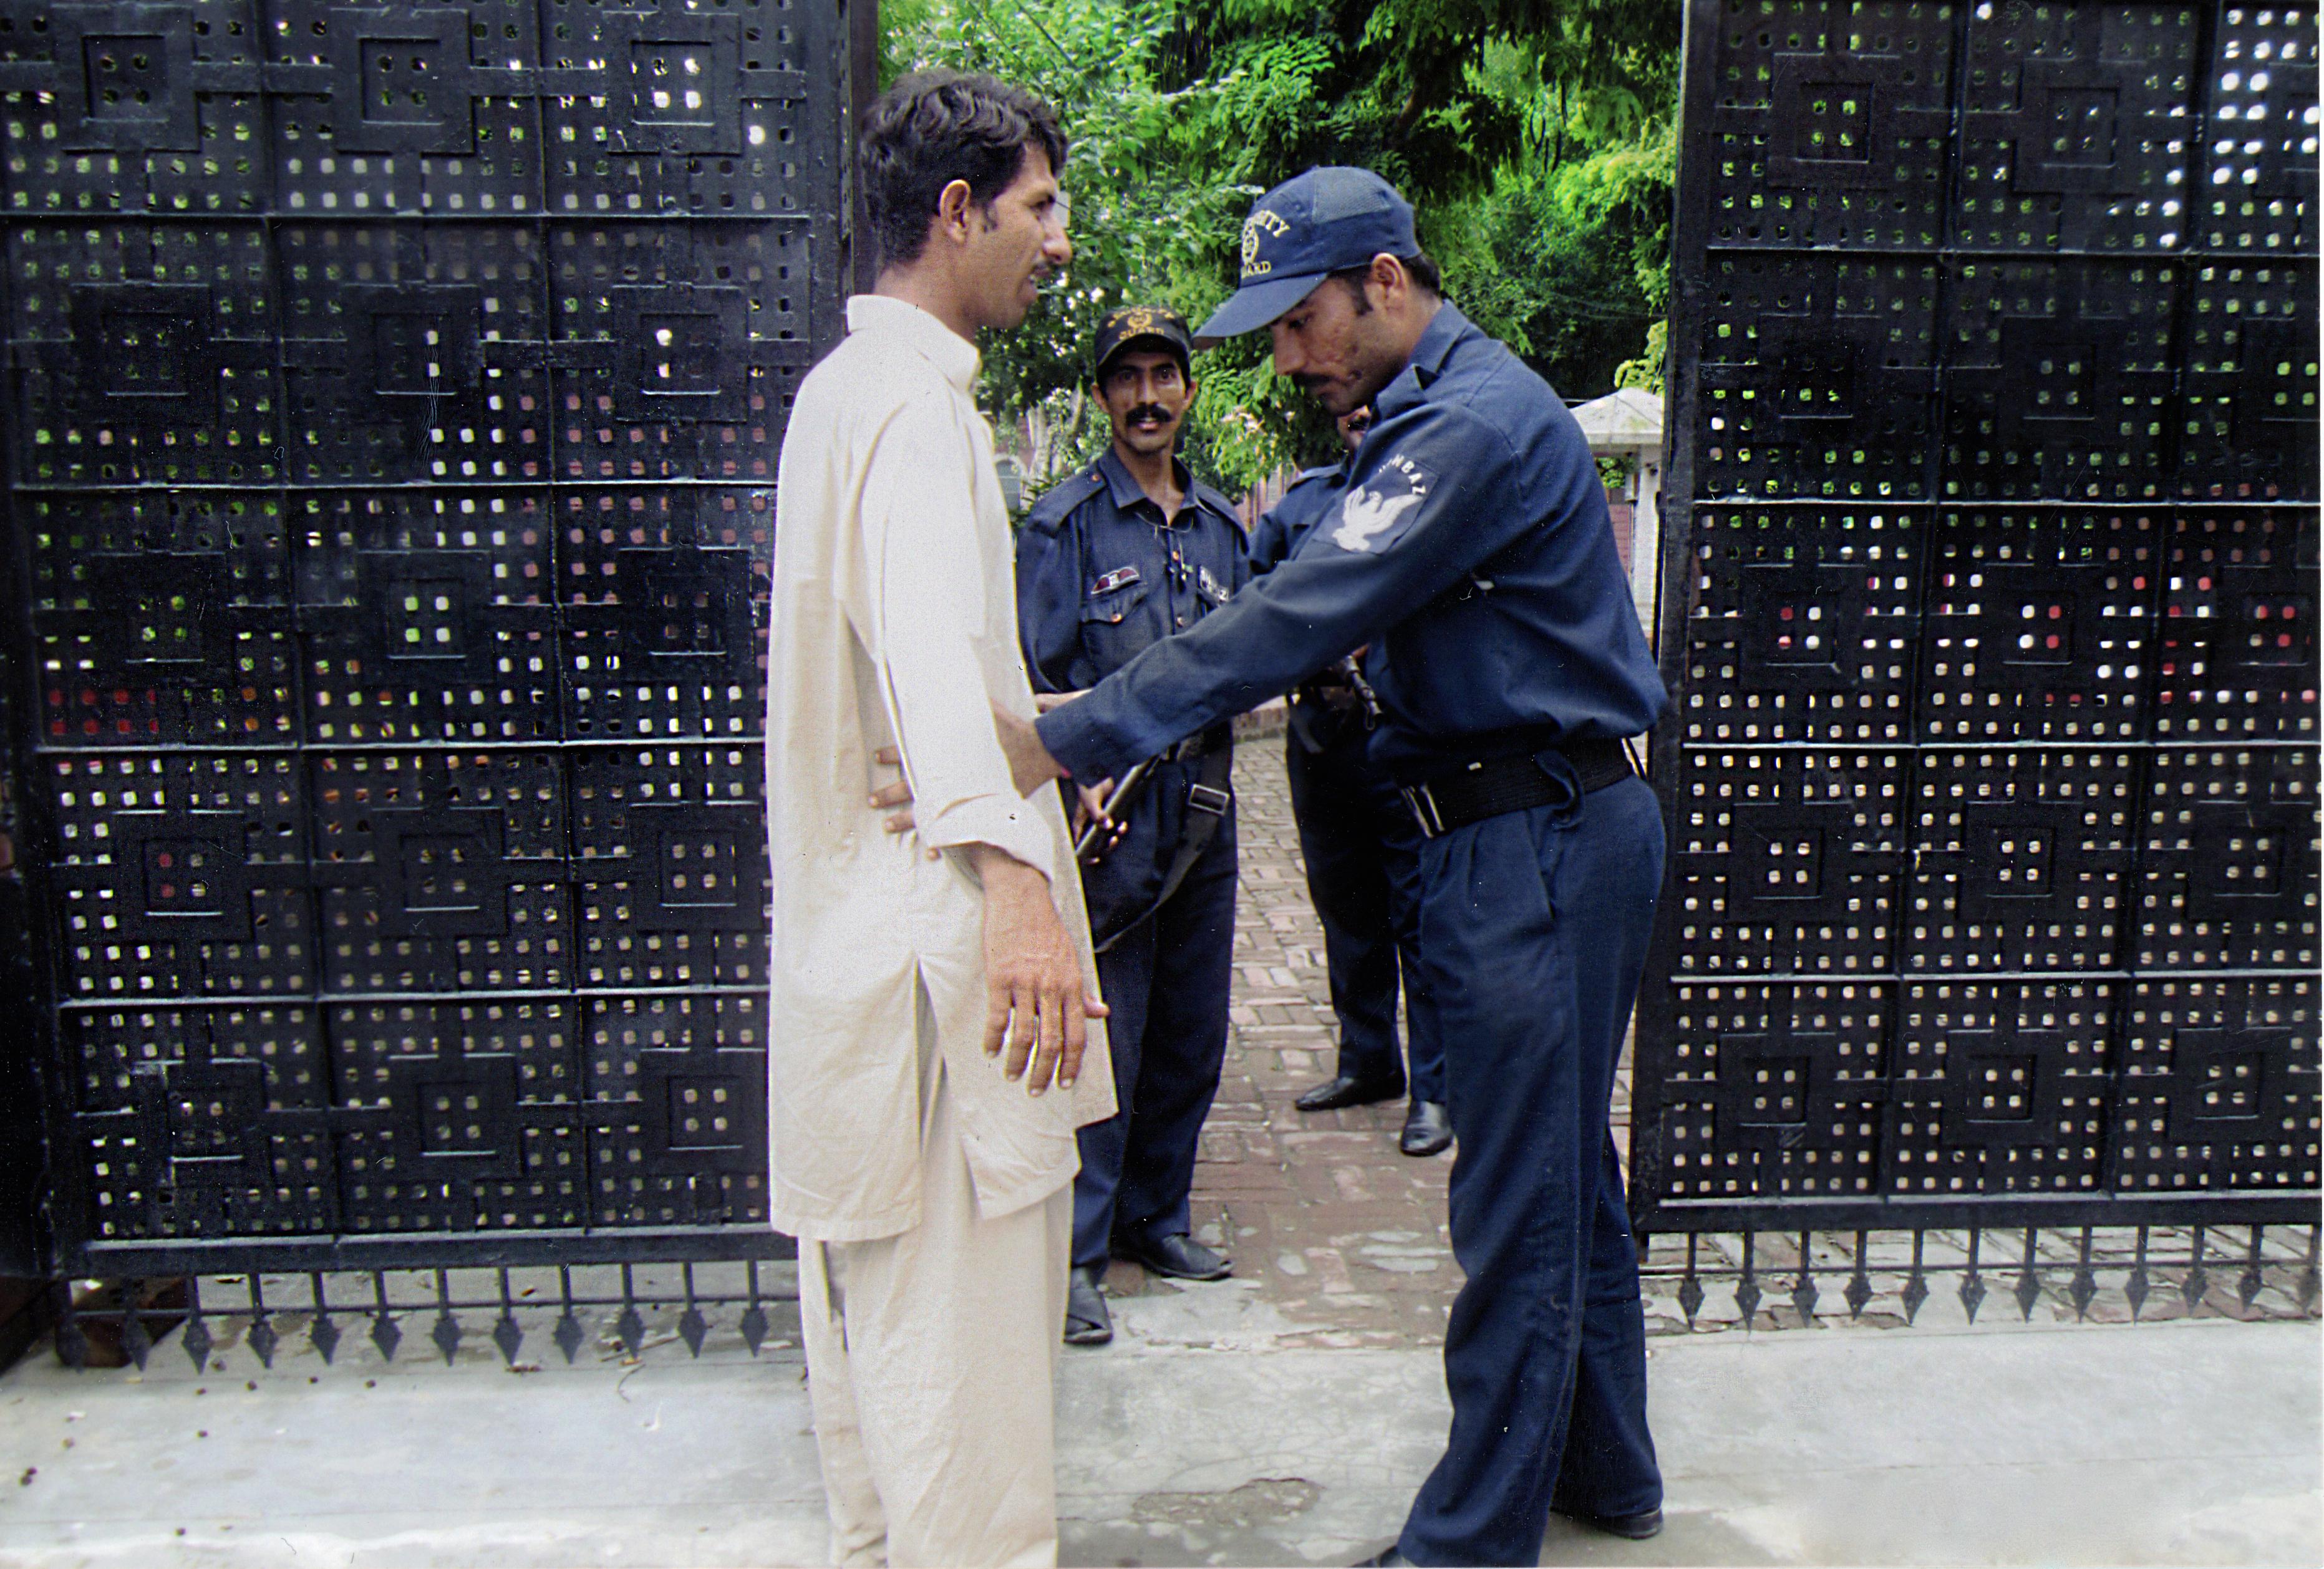 Debido a amenazas las Iglesias en Pakistán refuerzan su seguridad